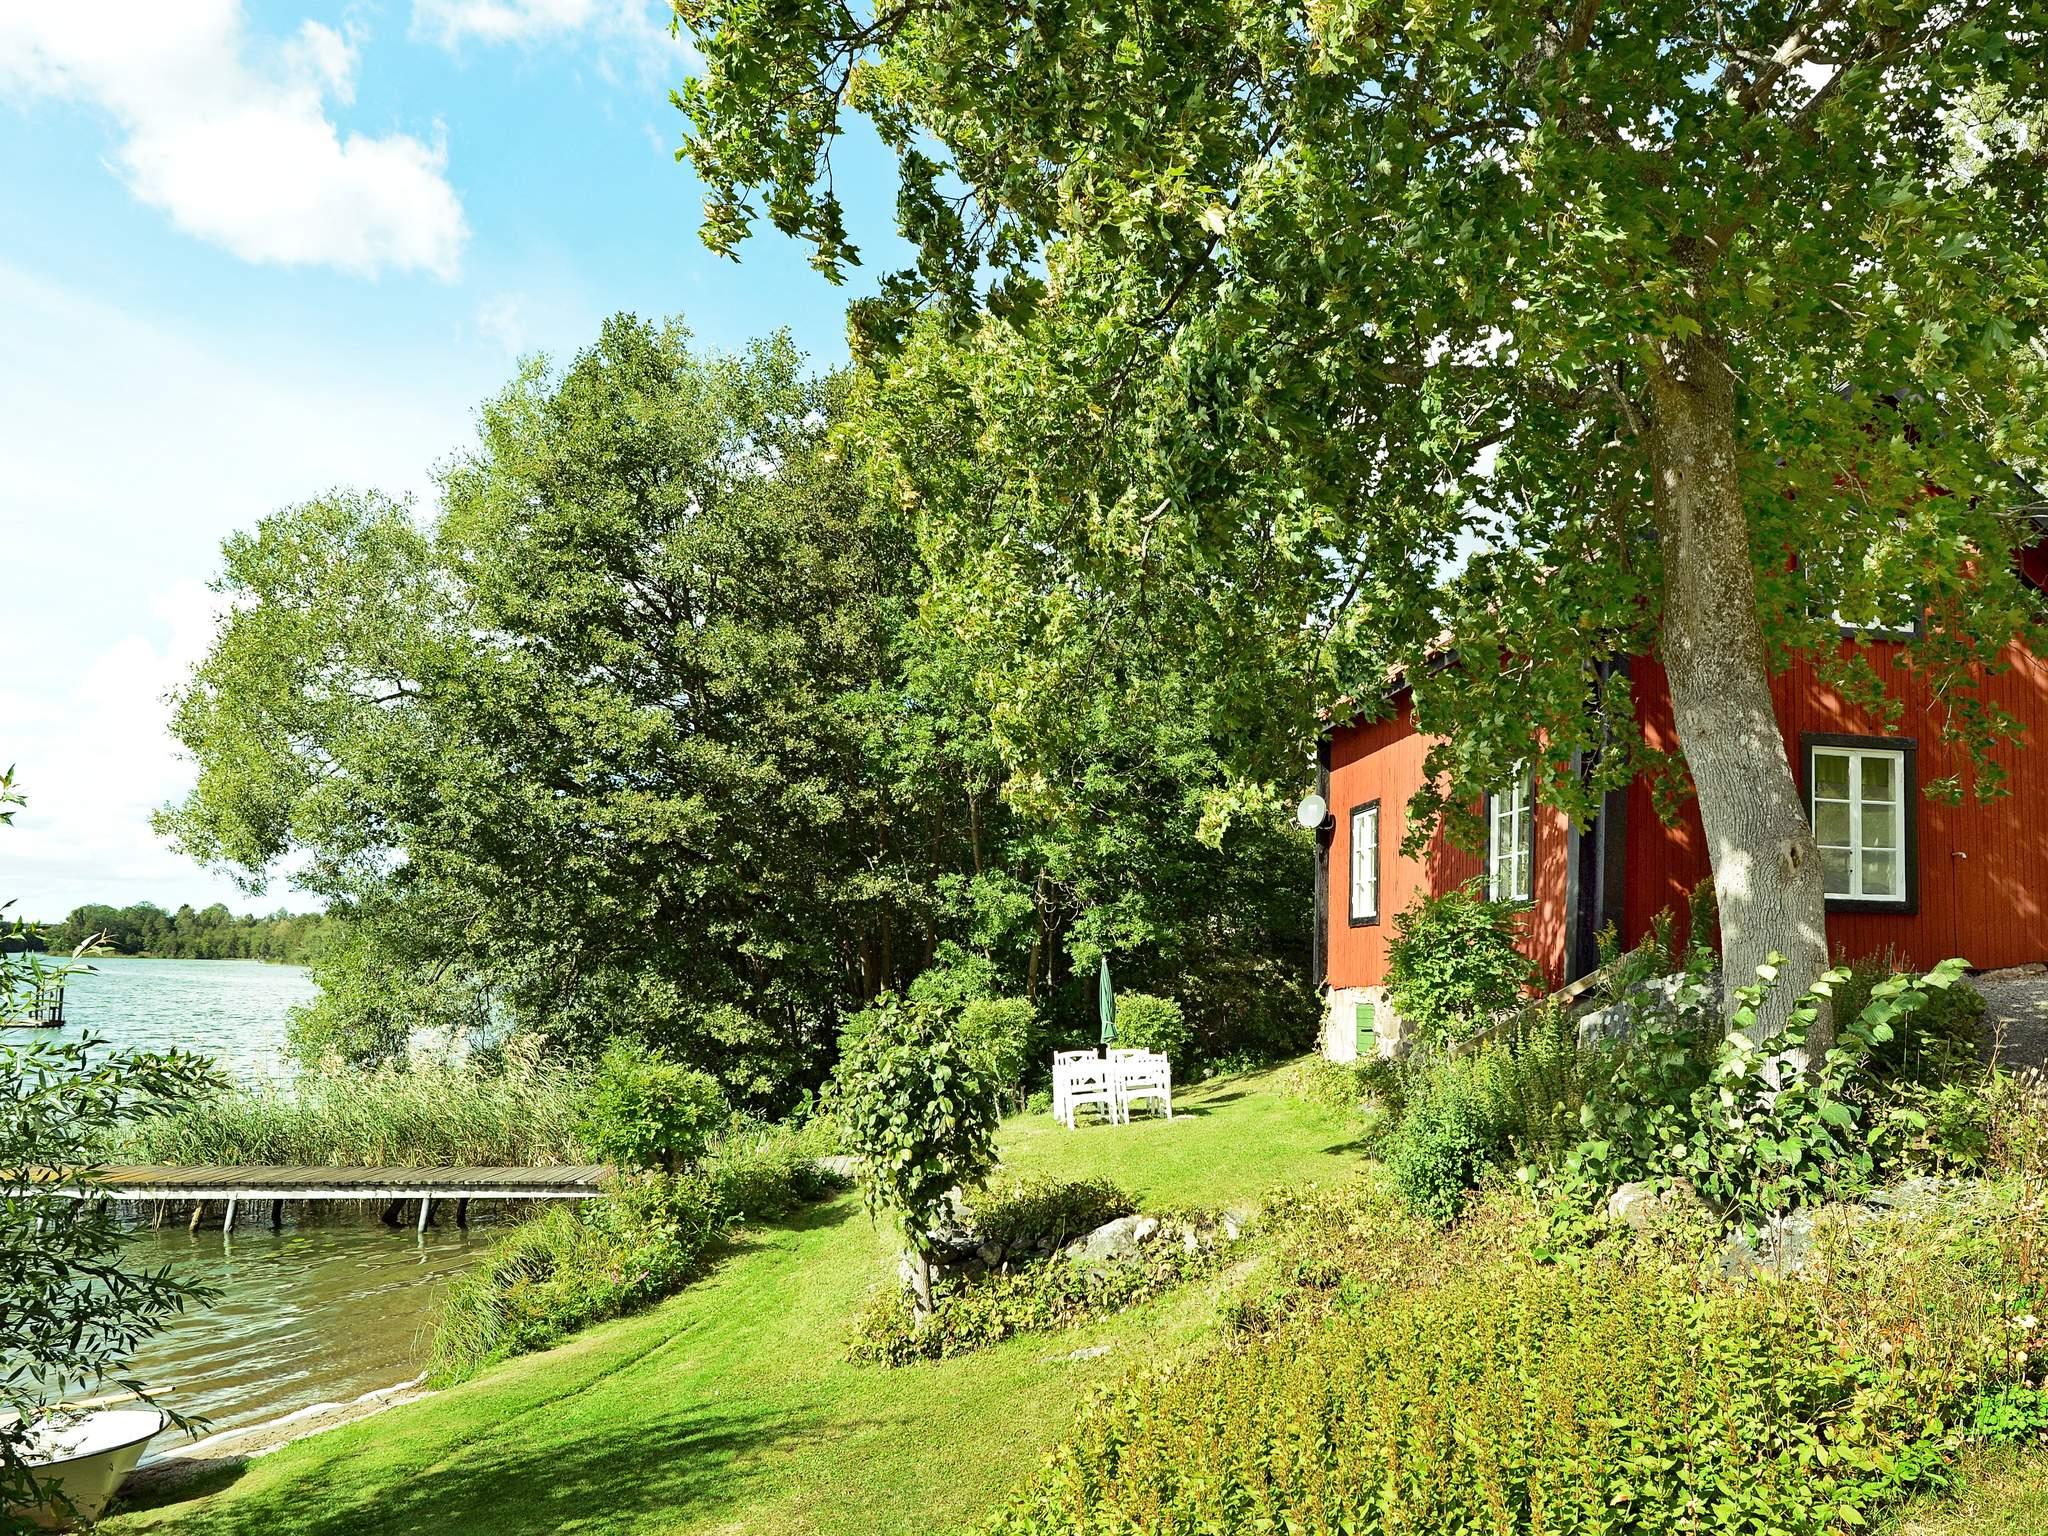 Ferienhaus Mariefred (426484), Mariefred, Södermanlands län, Mittelschweden, Schweden, Bild 11